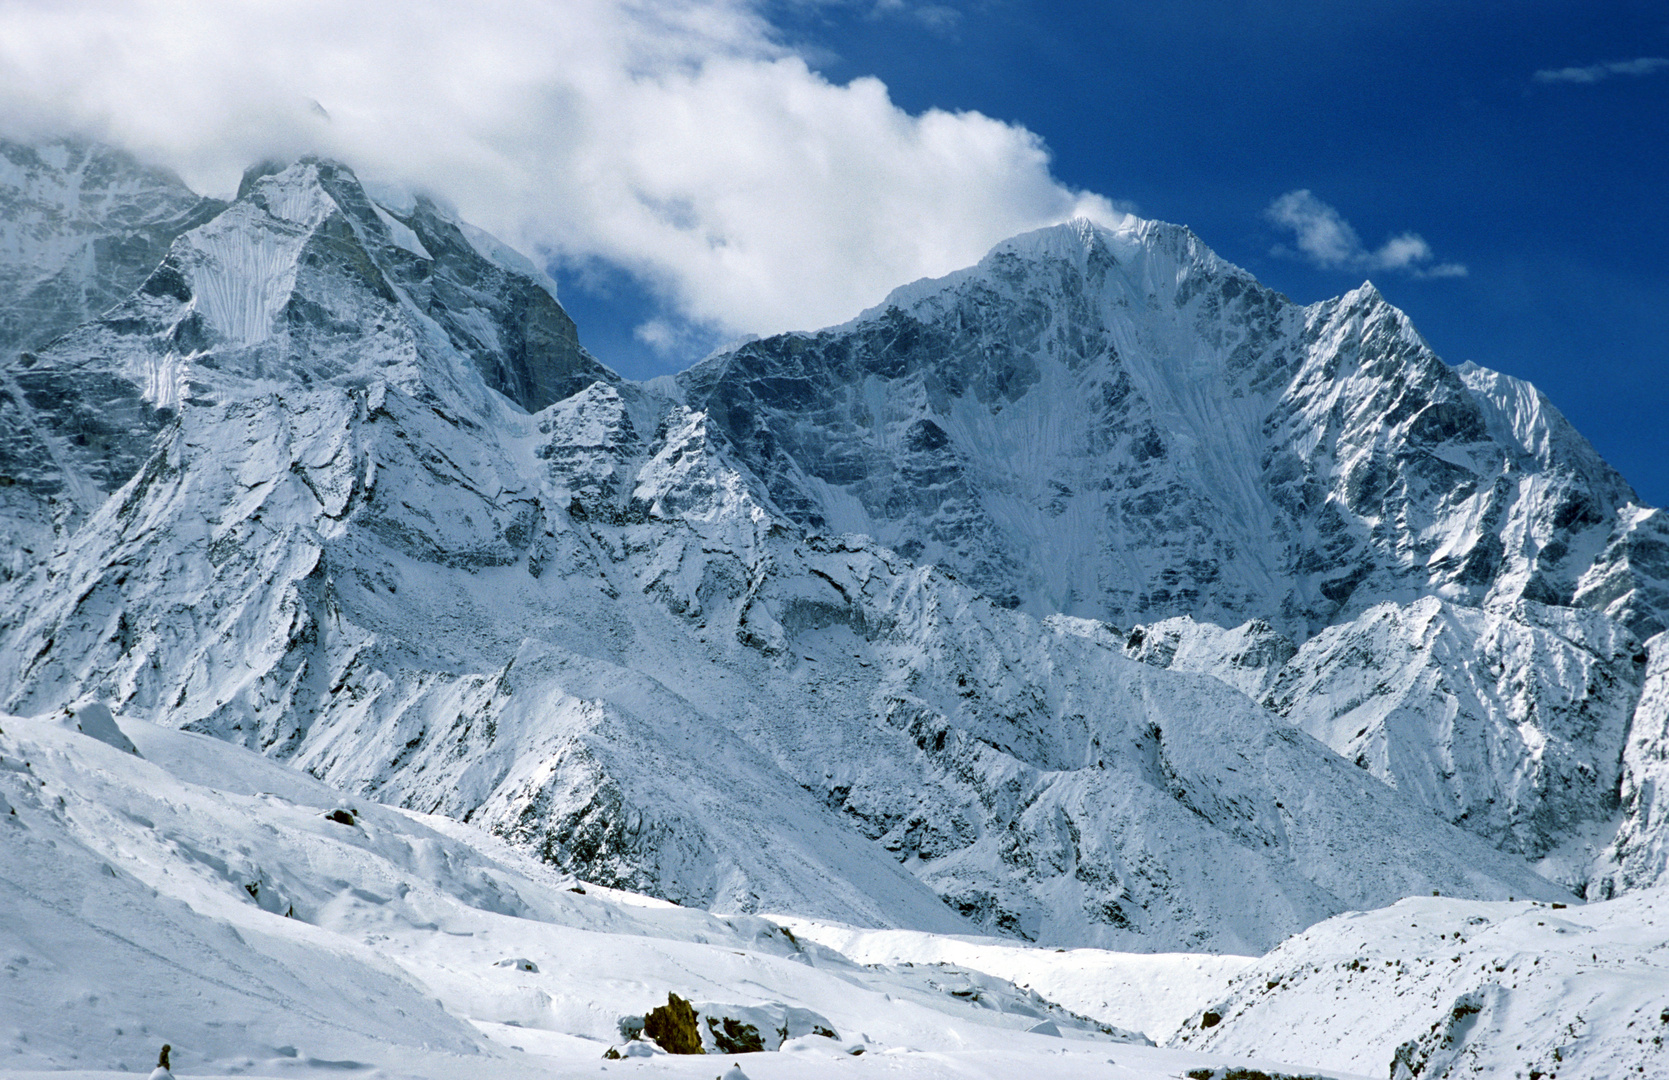 Bei Pheriche (4240m) nach extremen Schneefällen